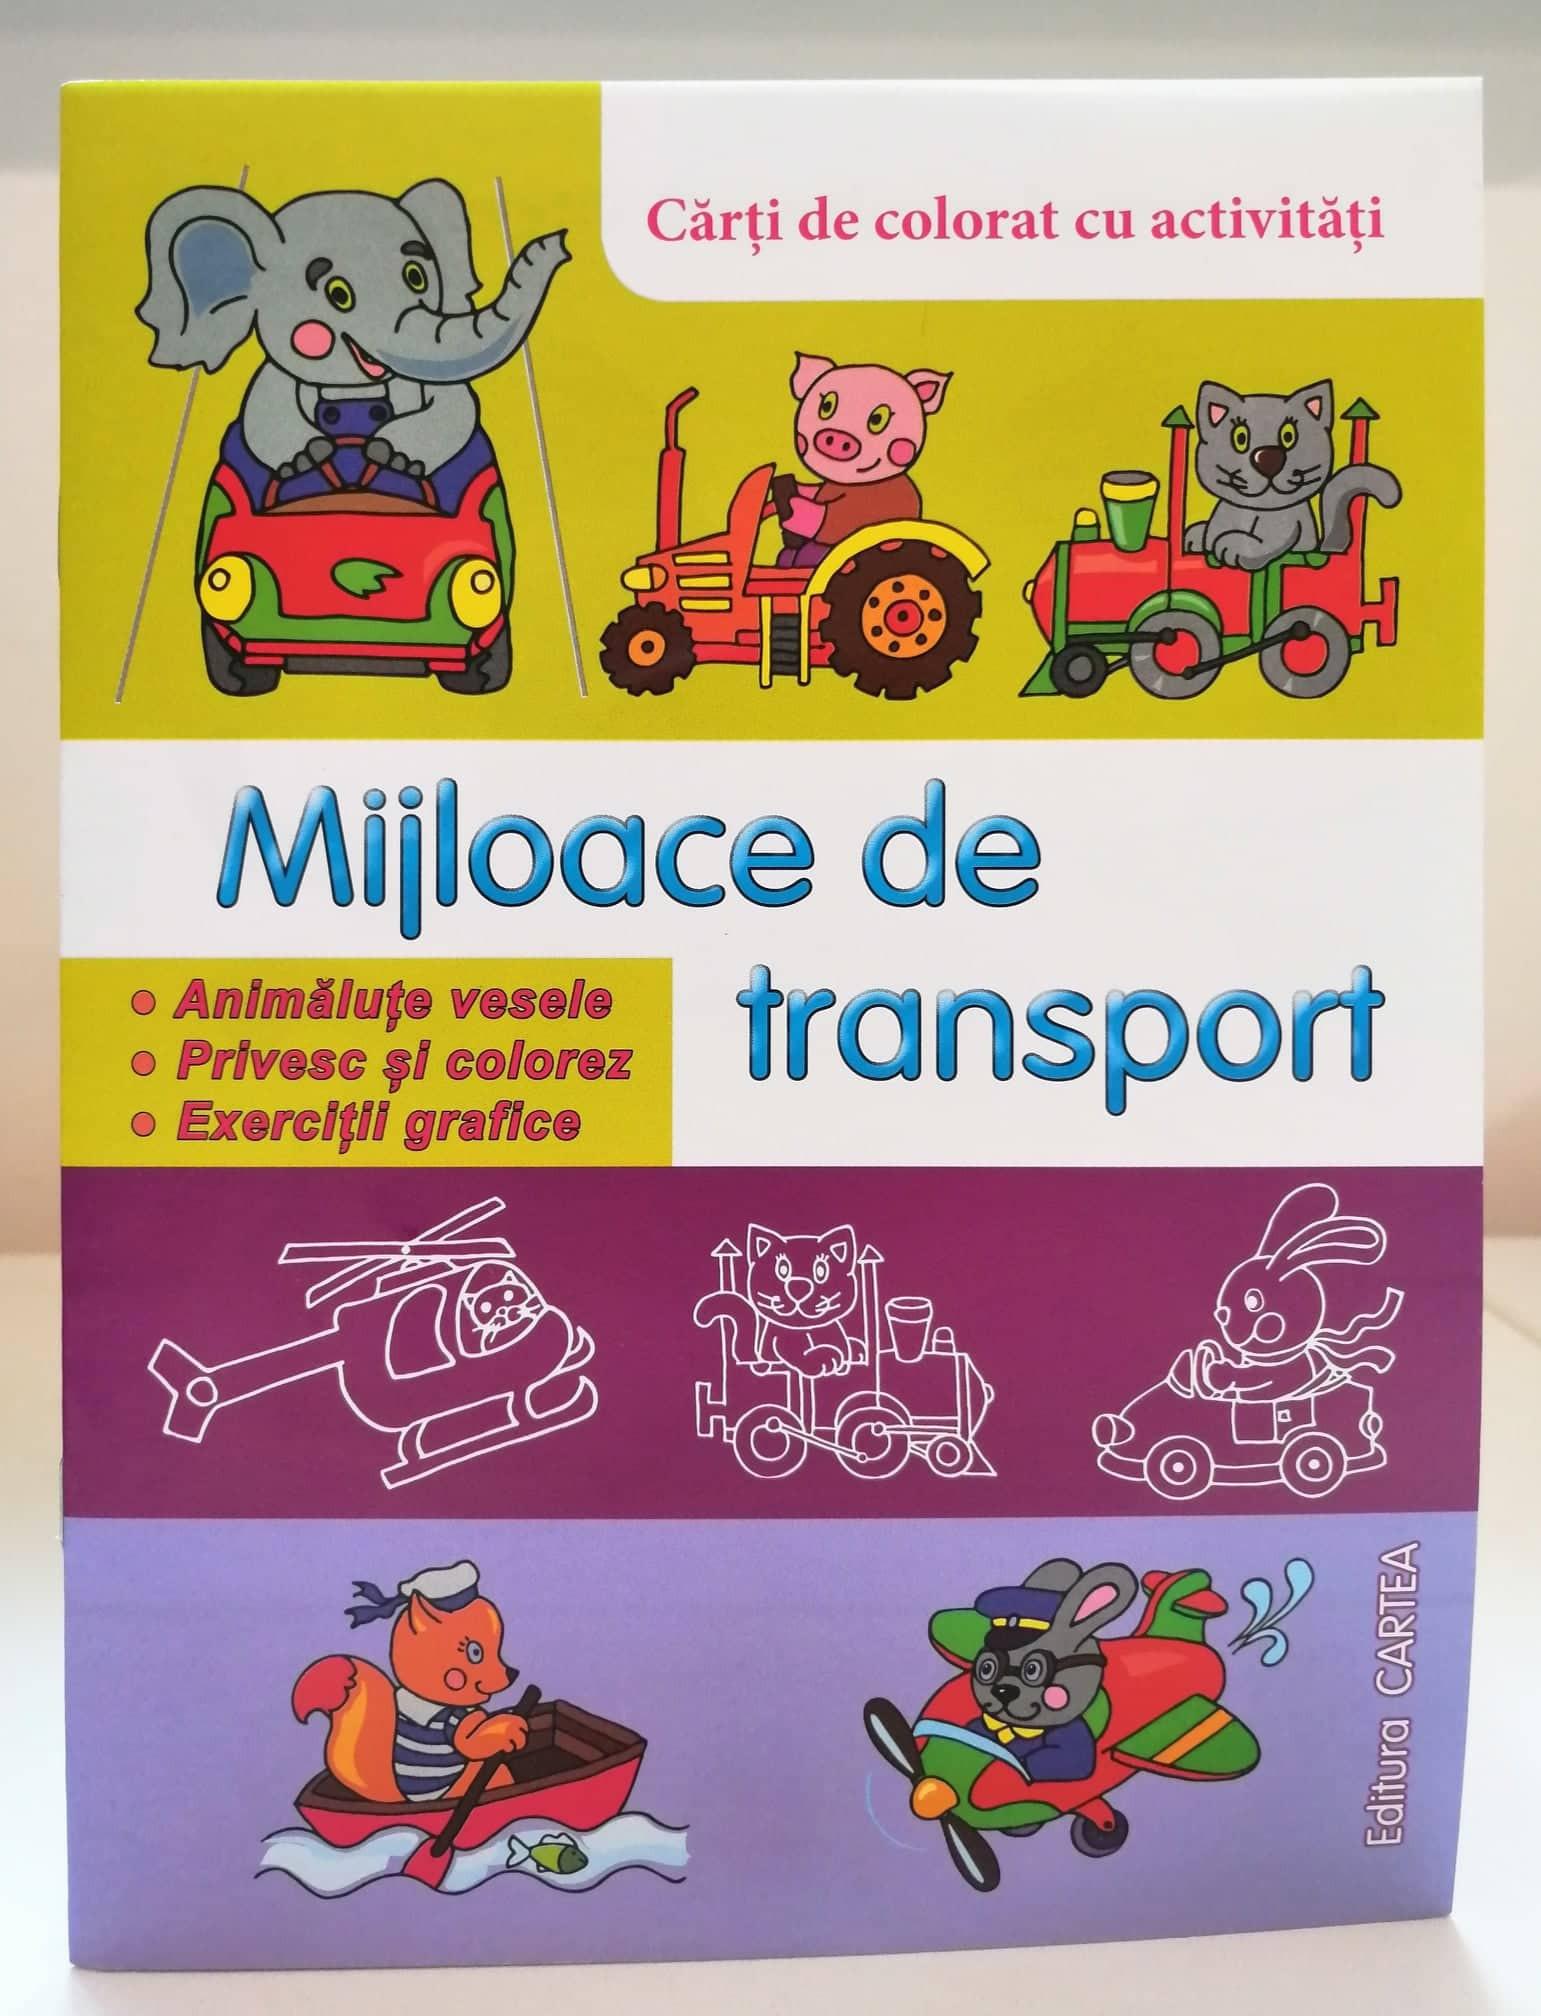 Mijloace de transport  Cărți de colorat cu activități